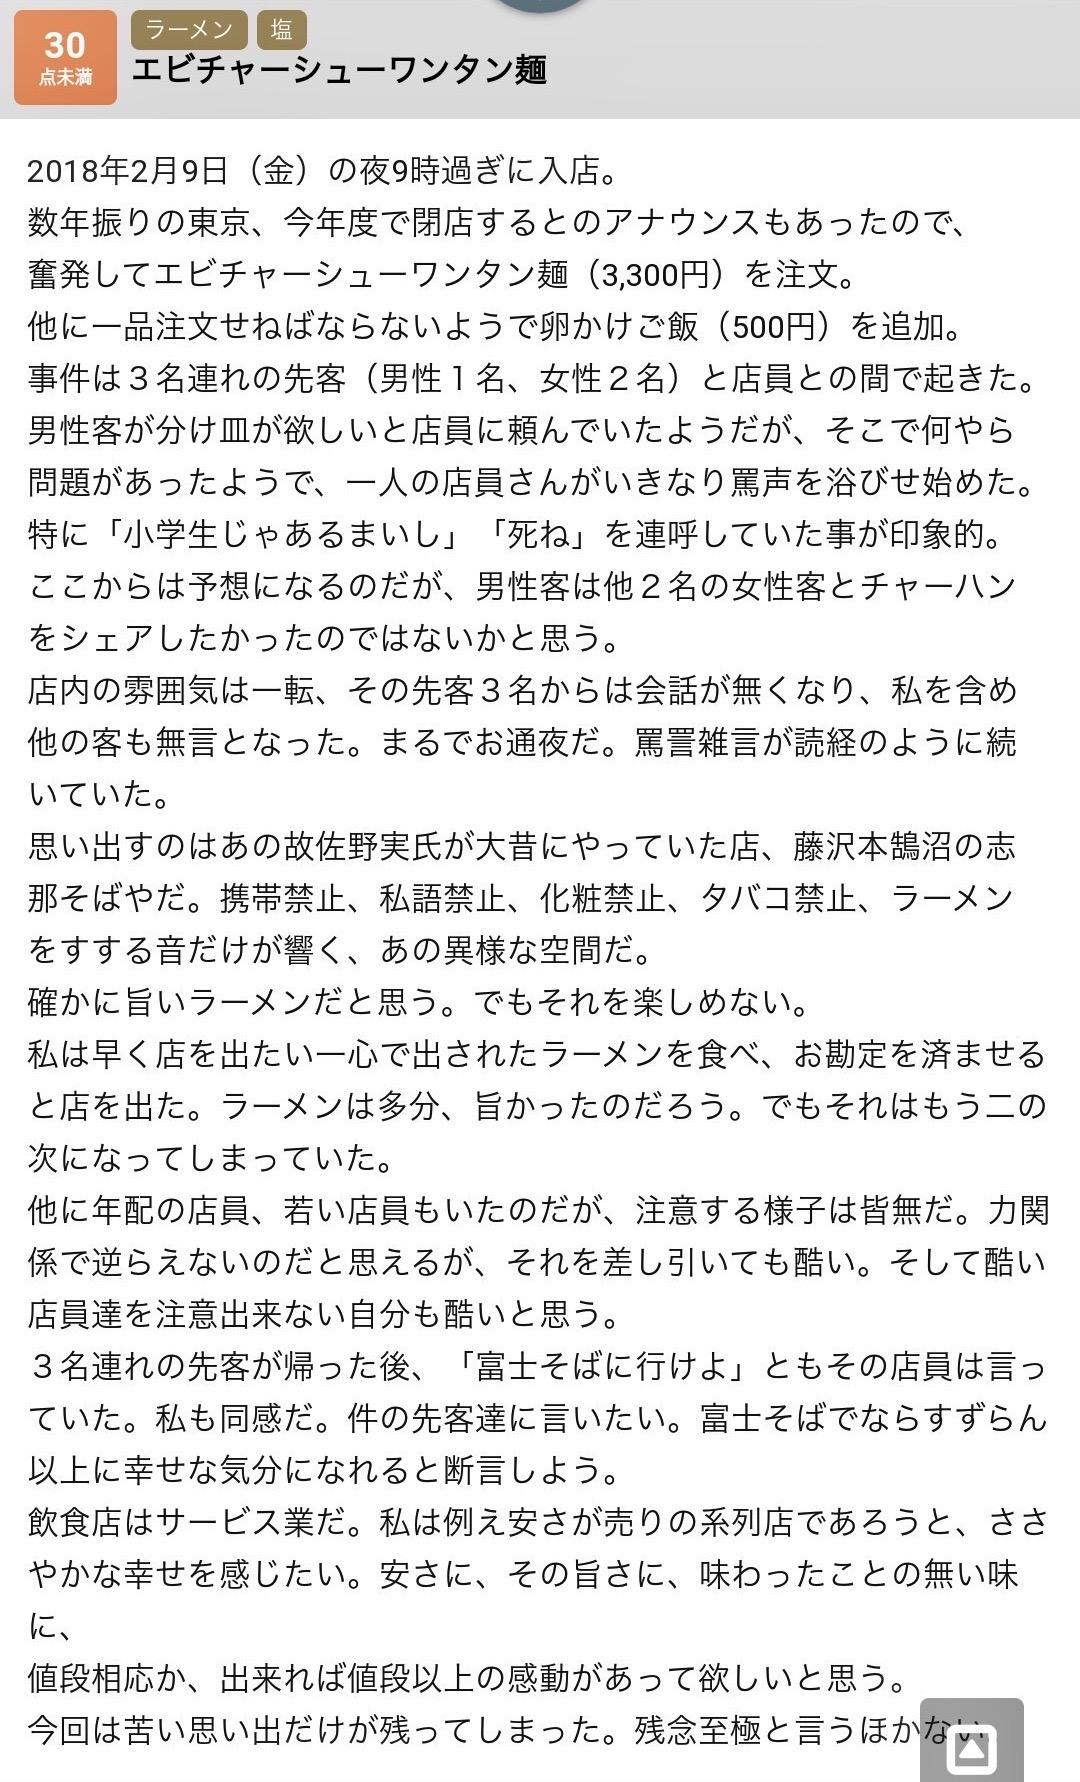 【炎上加速】恵比寿のイキり麺太郎「すずらん」 帰ろうとした客に暴言